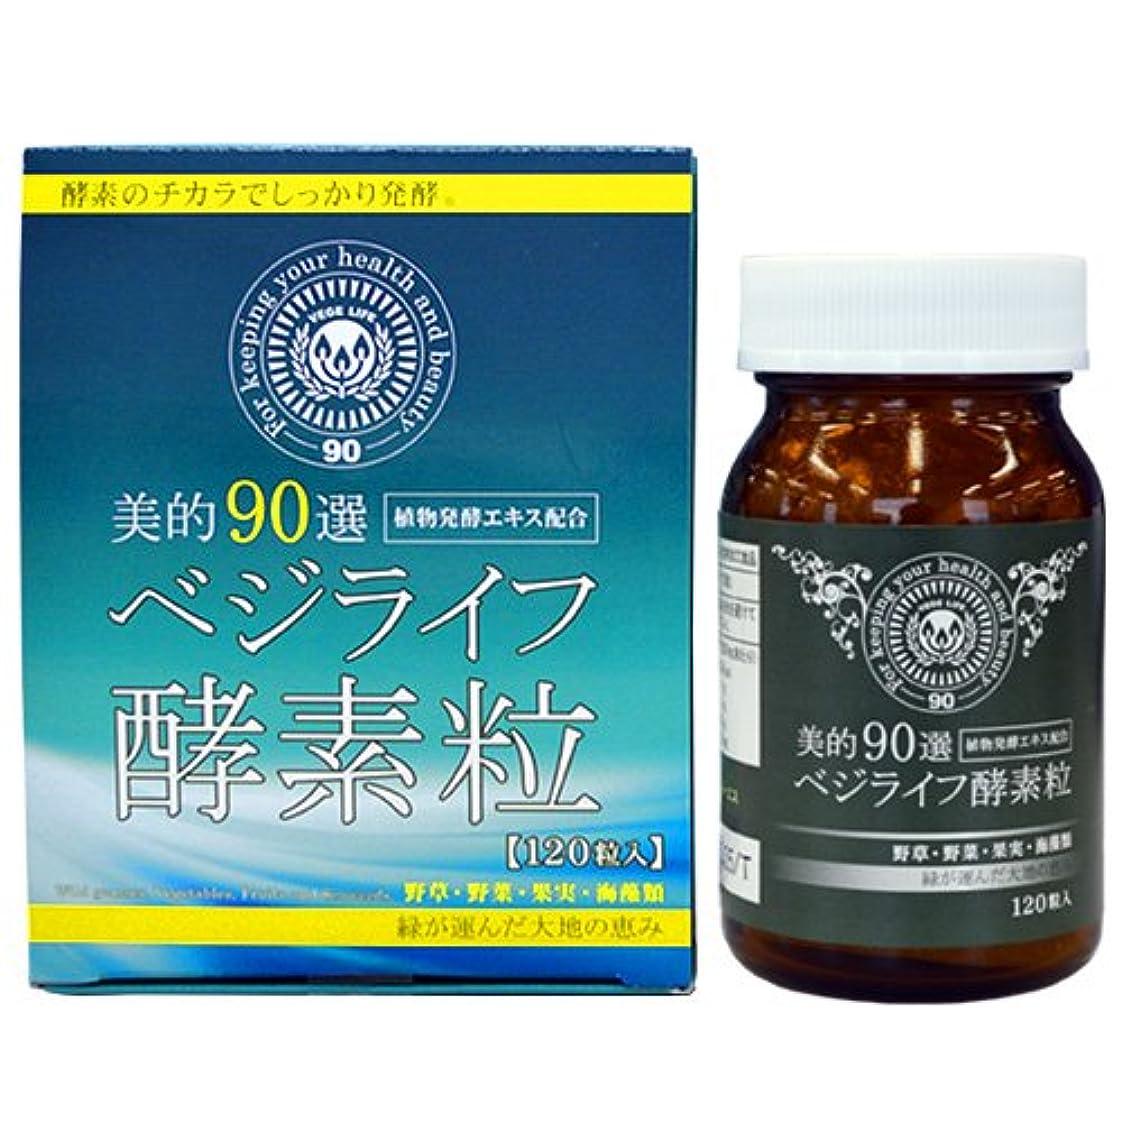 ほのか筋肉の飼料植物発酵エキス配合 美的90選ベジライフ酵素粒(120粒入り)